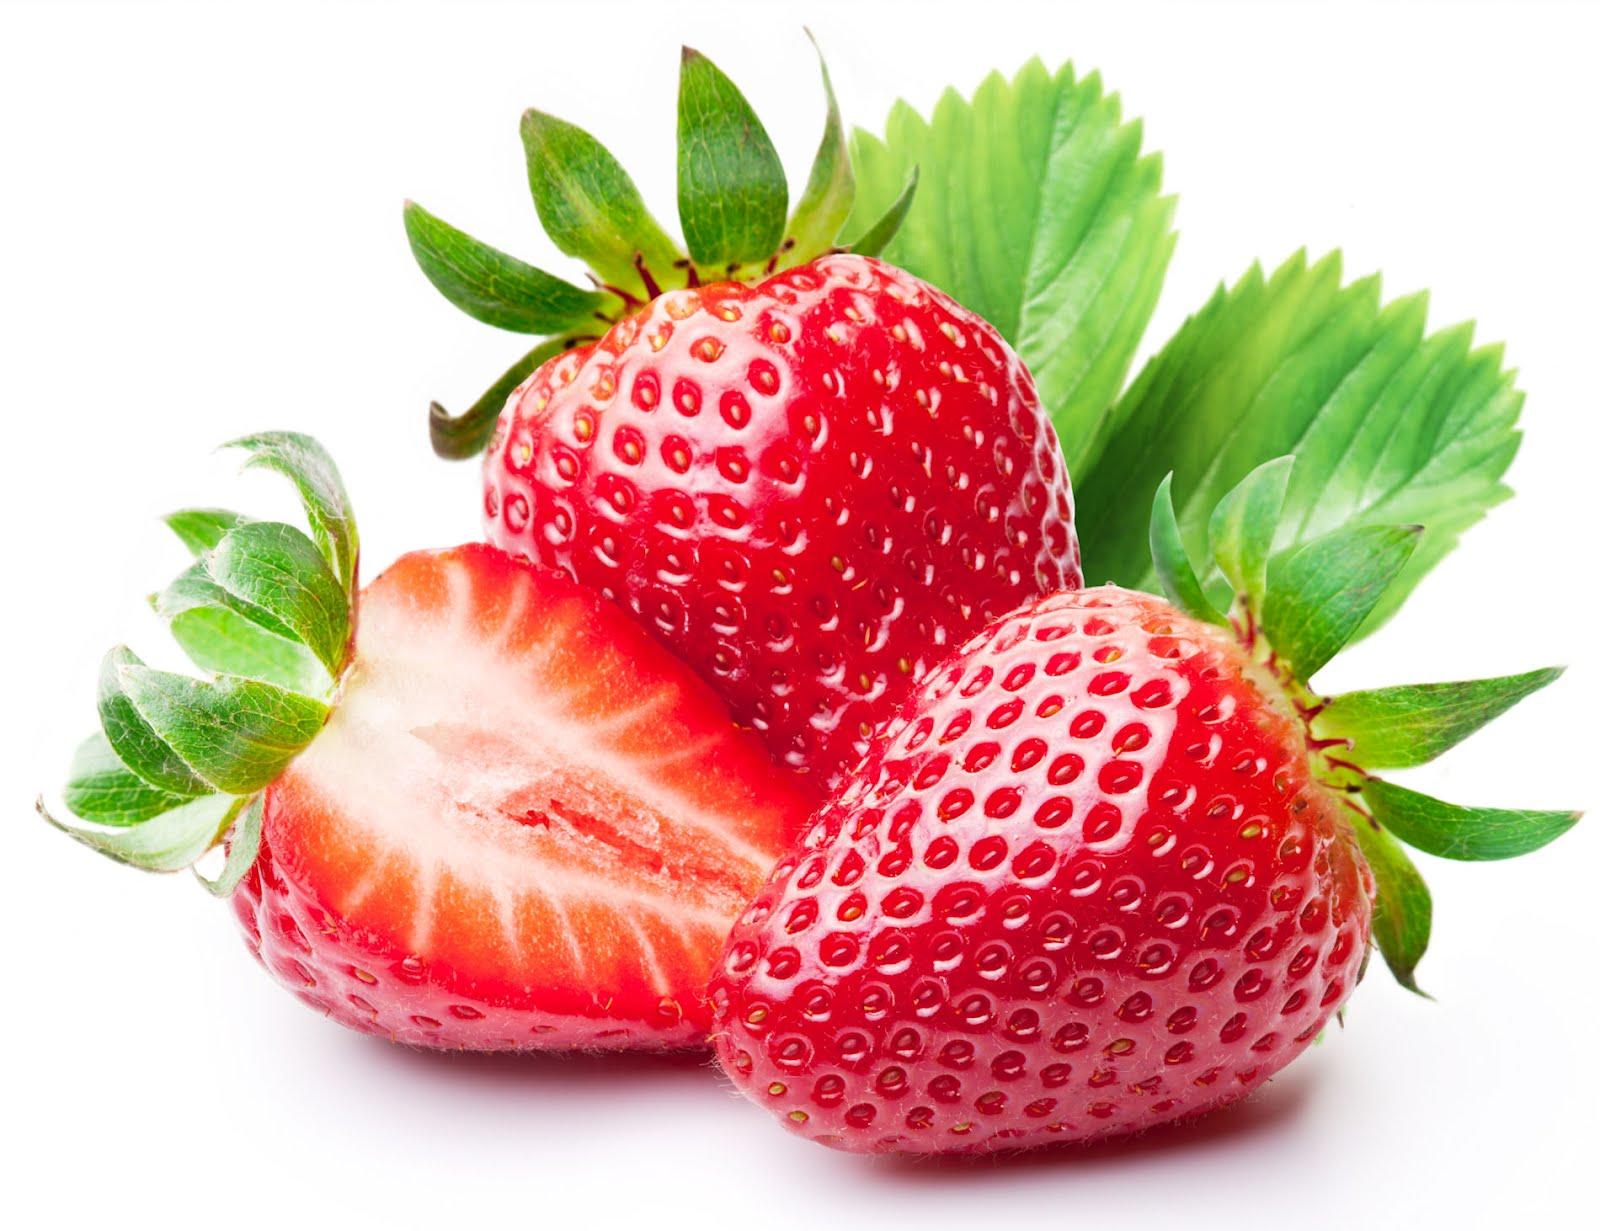 Fresas - Strawberries - Las frutas más ricas del mundo II